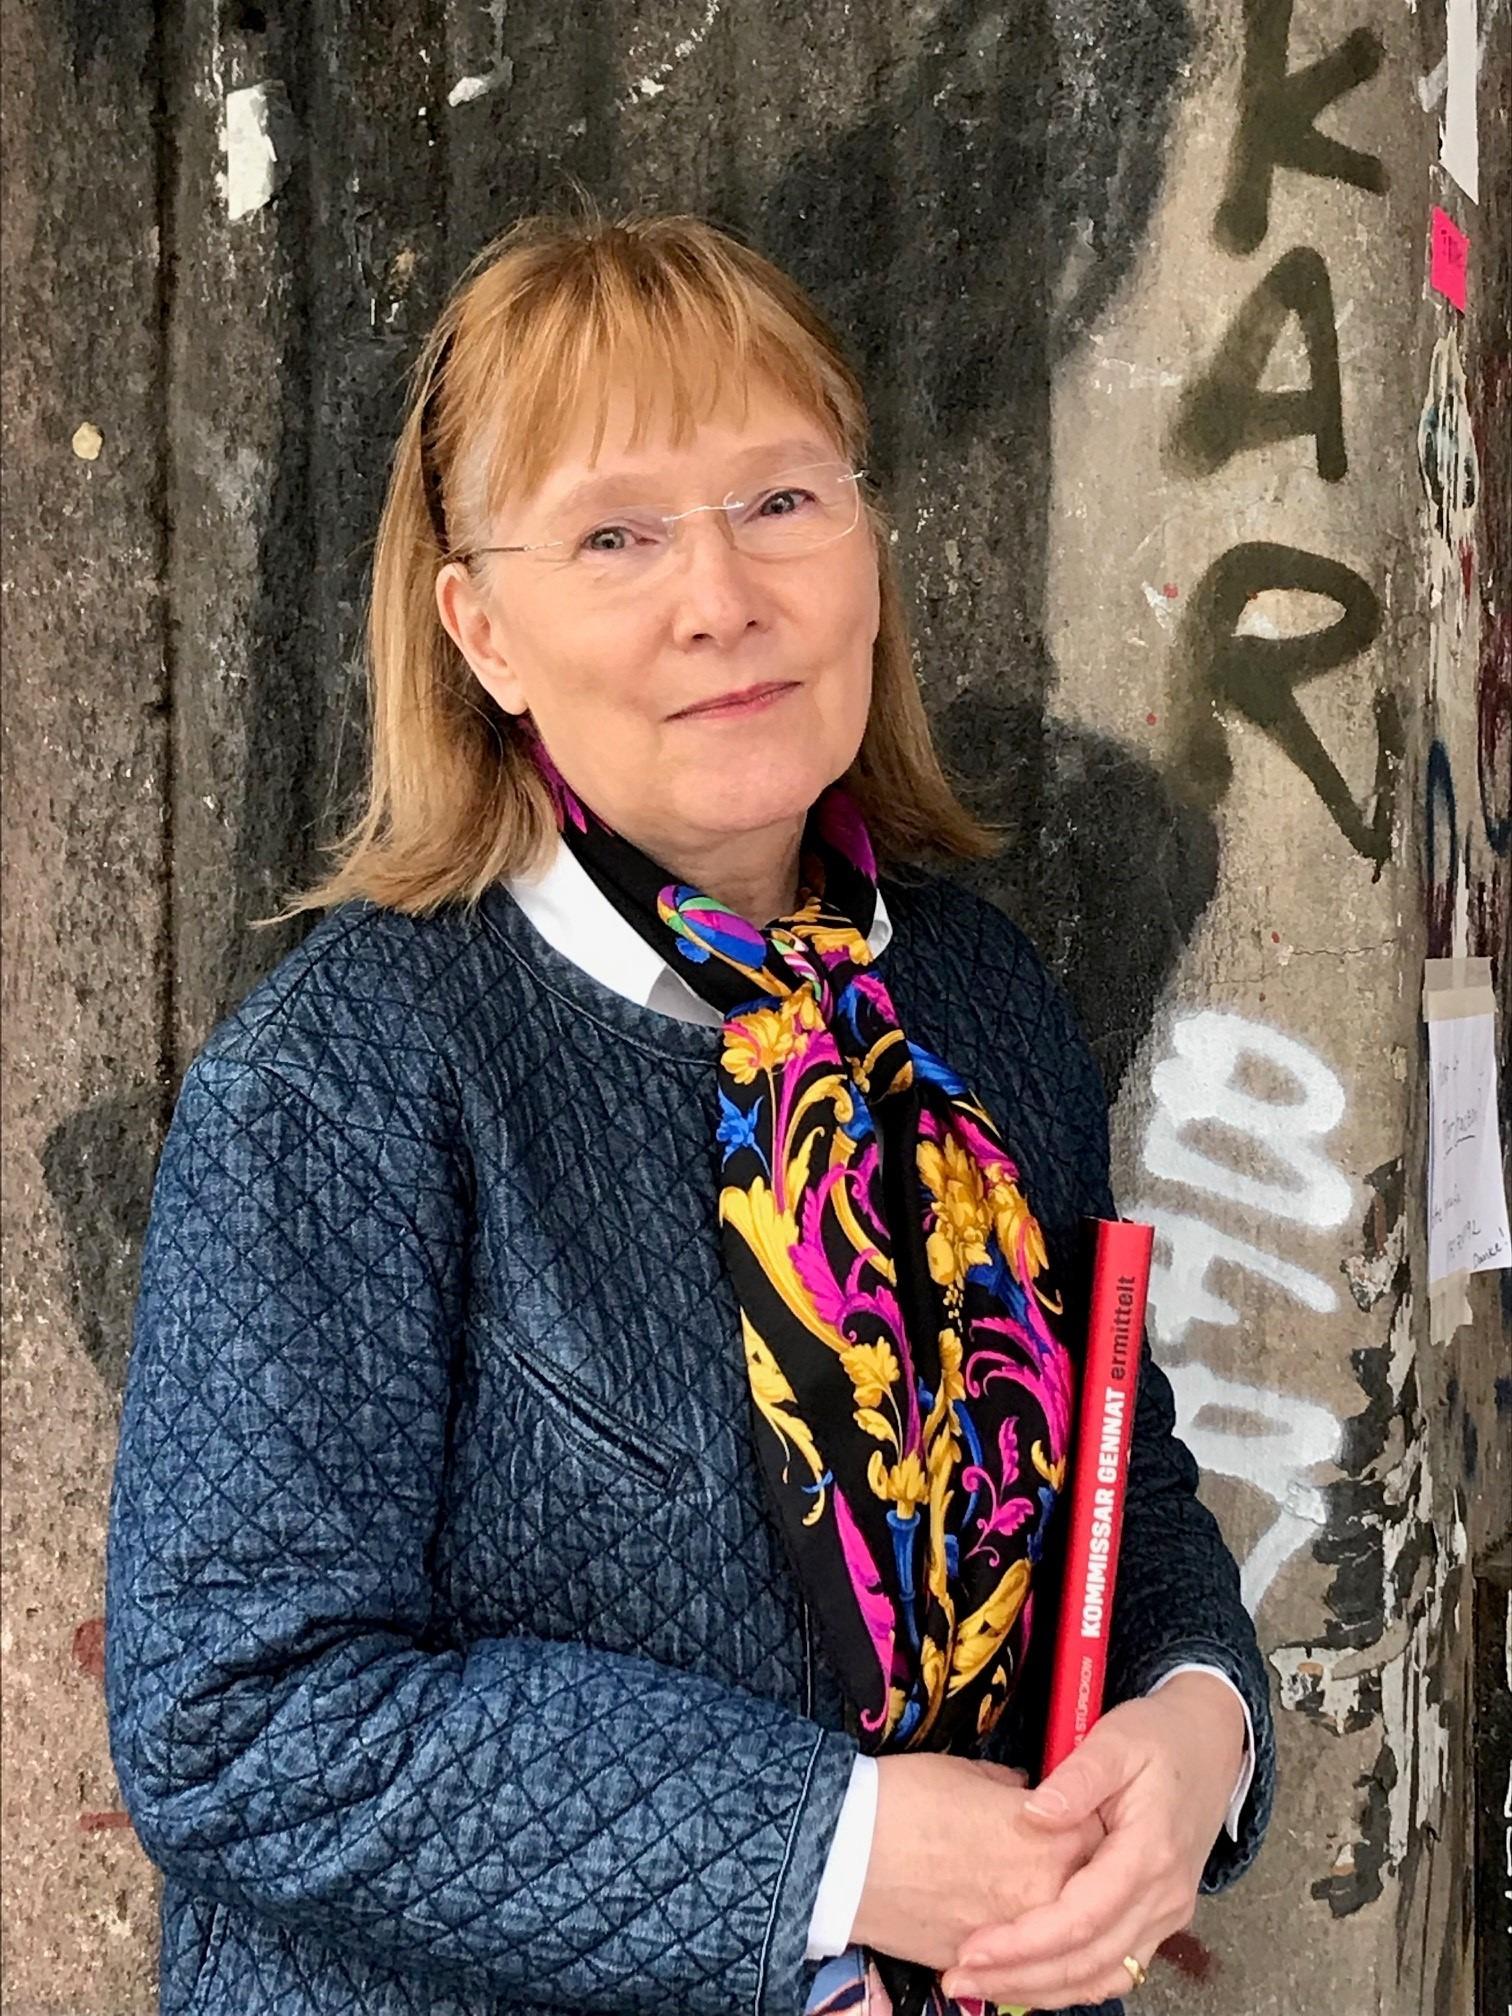 Das Bild zeigt die Autorin Regina Stürickow.